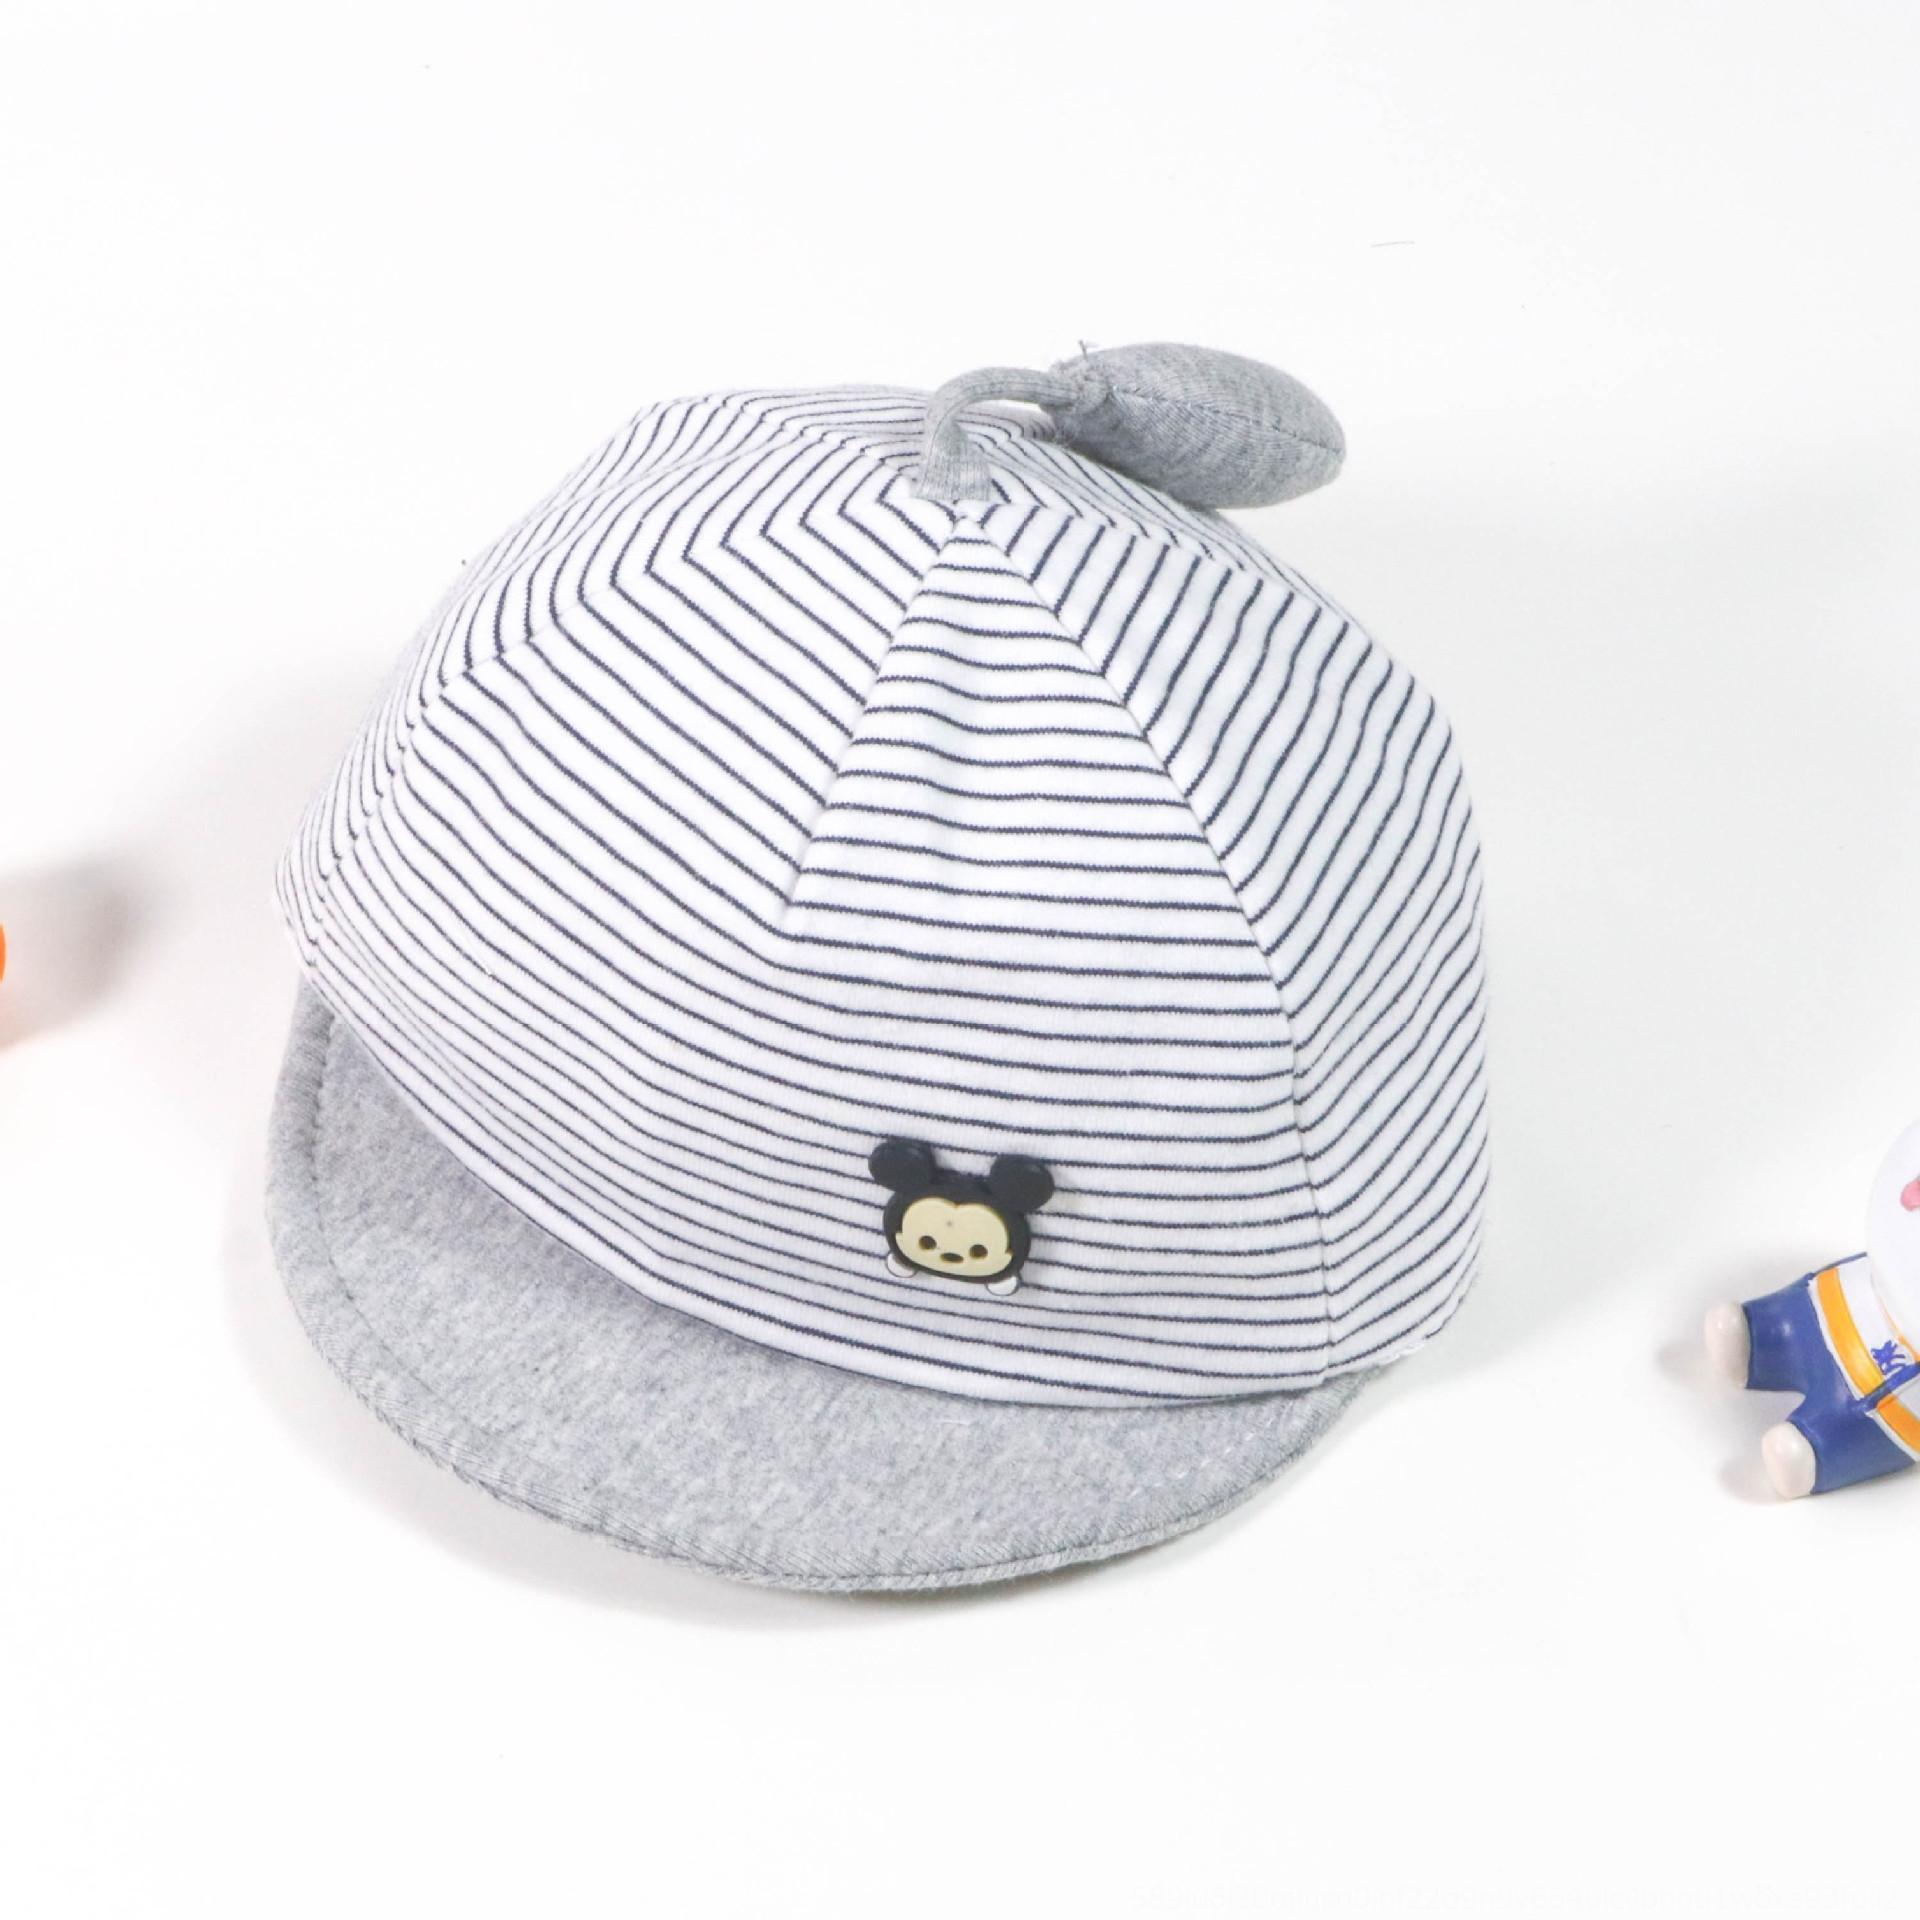 Neue Karikatur gestreifter Hut Fetal Baby babyweich Traufe Baumwollkappe neugeborene nette Art und Weise kurz Traufe Reifen Kappe